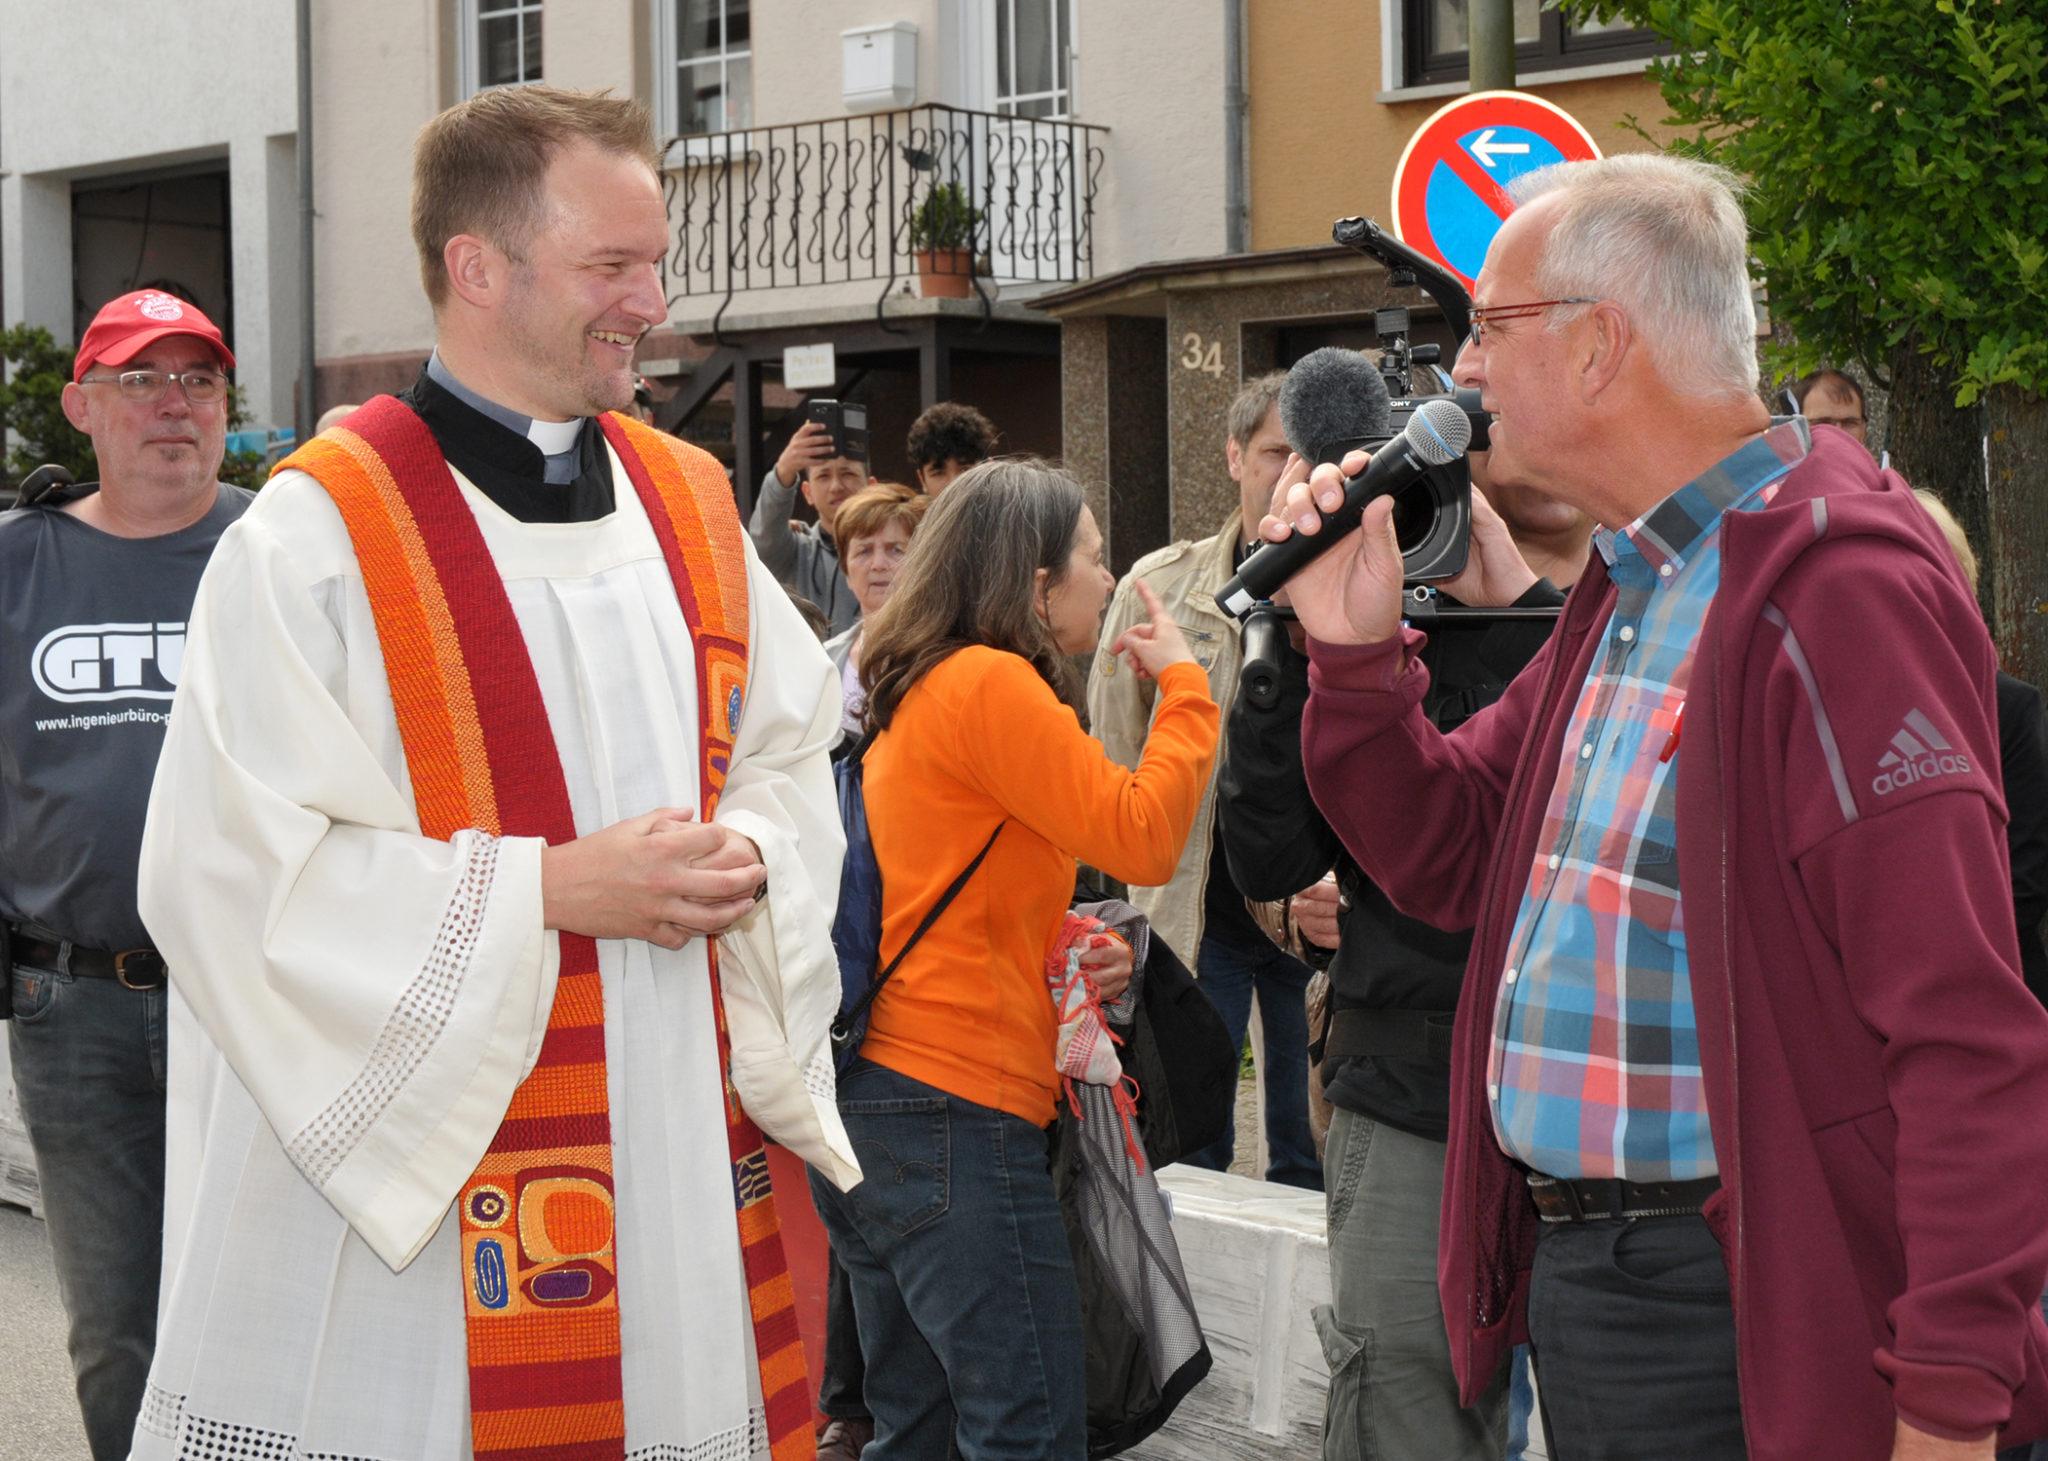 zu sehen ist Moderator Thomas Wollscheid im Interview mit Pastor Dr. Frank Kleinjohann. Im Hintergrund das Filmteam des Saarländischen Rundfunks